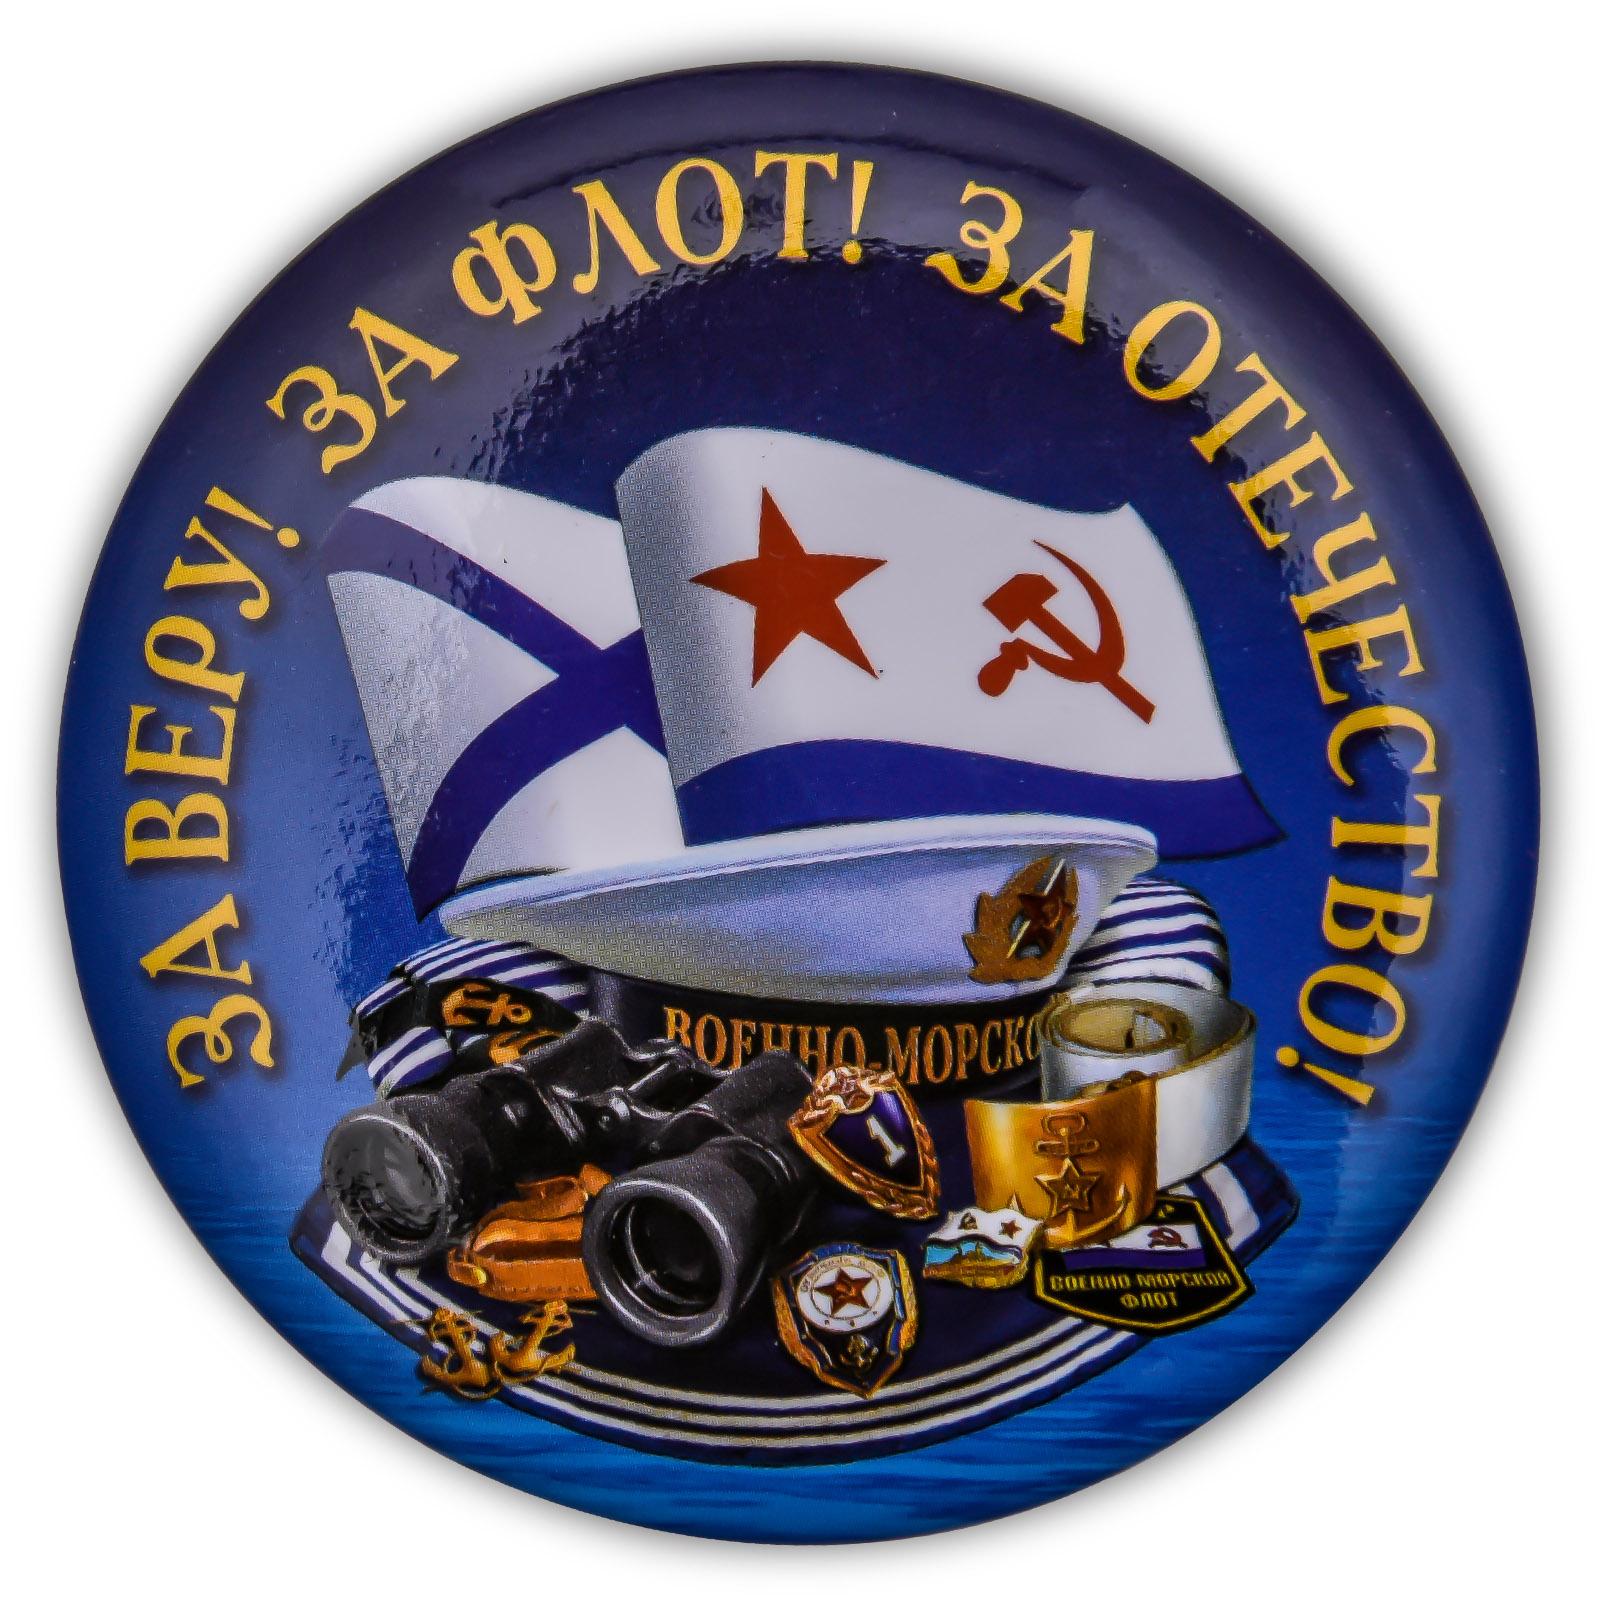 Закатный значок Военно-Морского флота